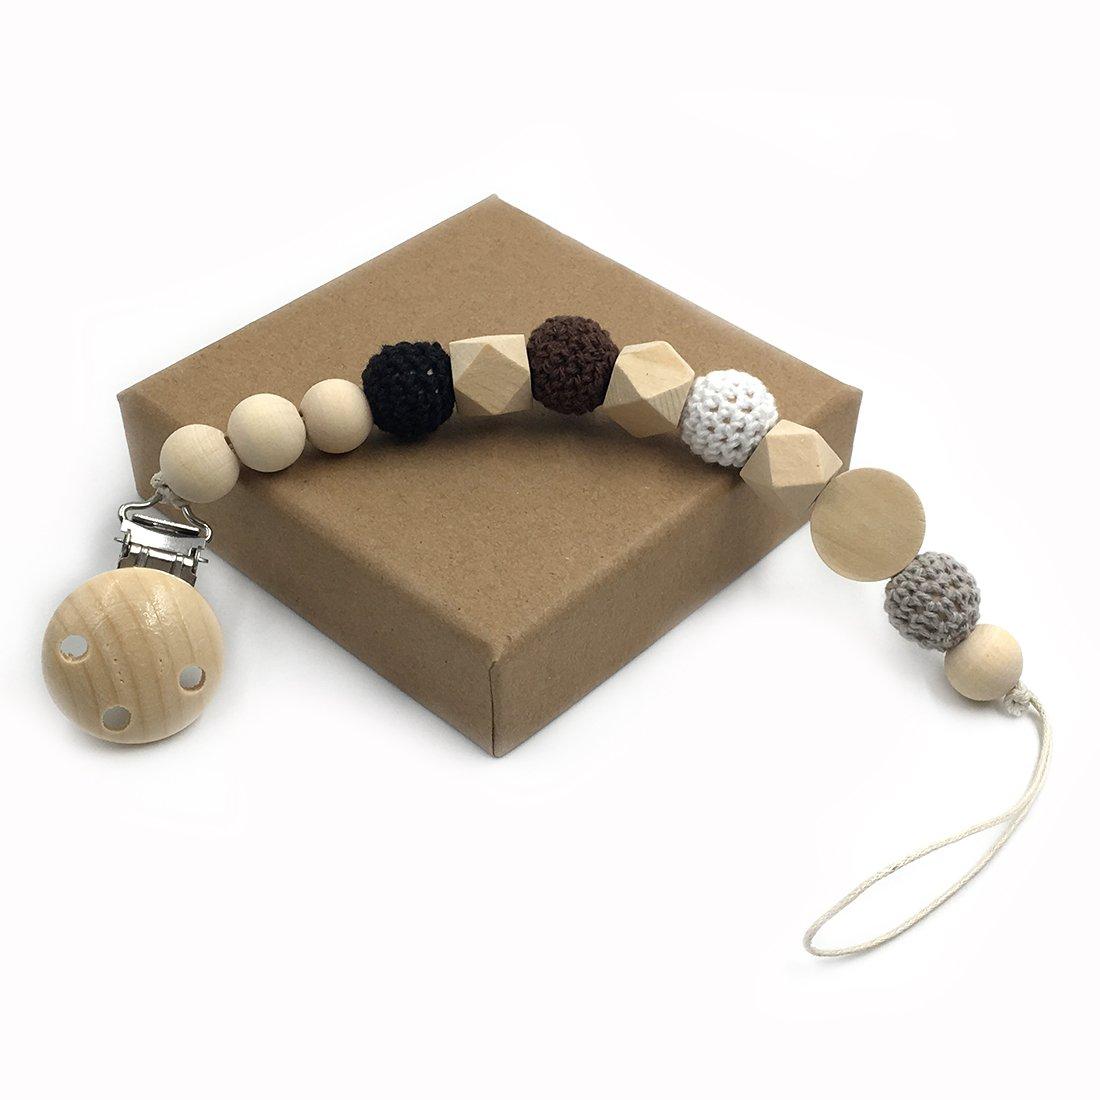 Coskiss Enfermera geométrica de madera de dientes ganchillo perlas chupete clip maniquí color natural cordón de seda Baby Teether regalo (gris)